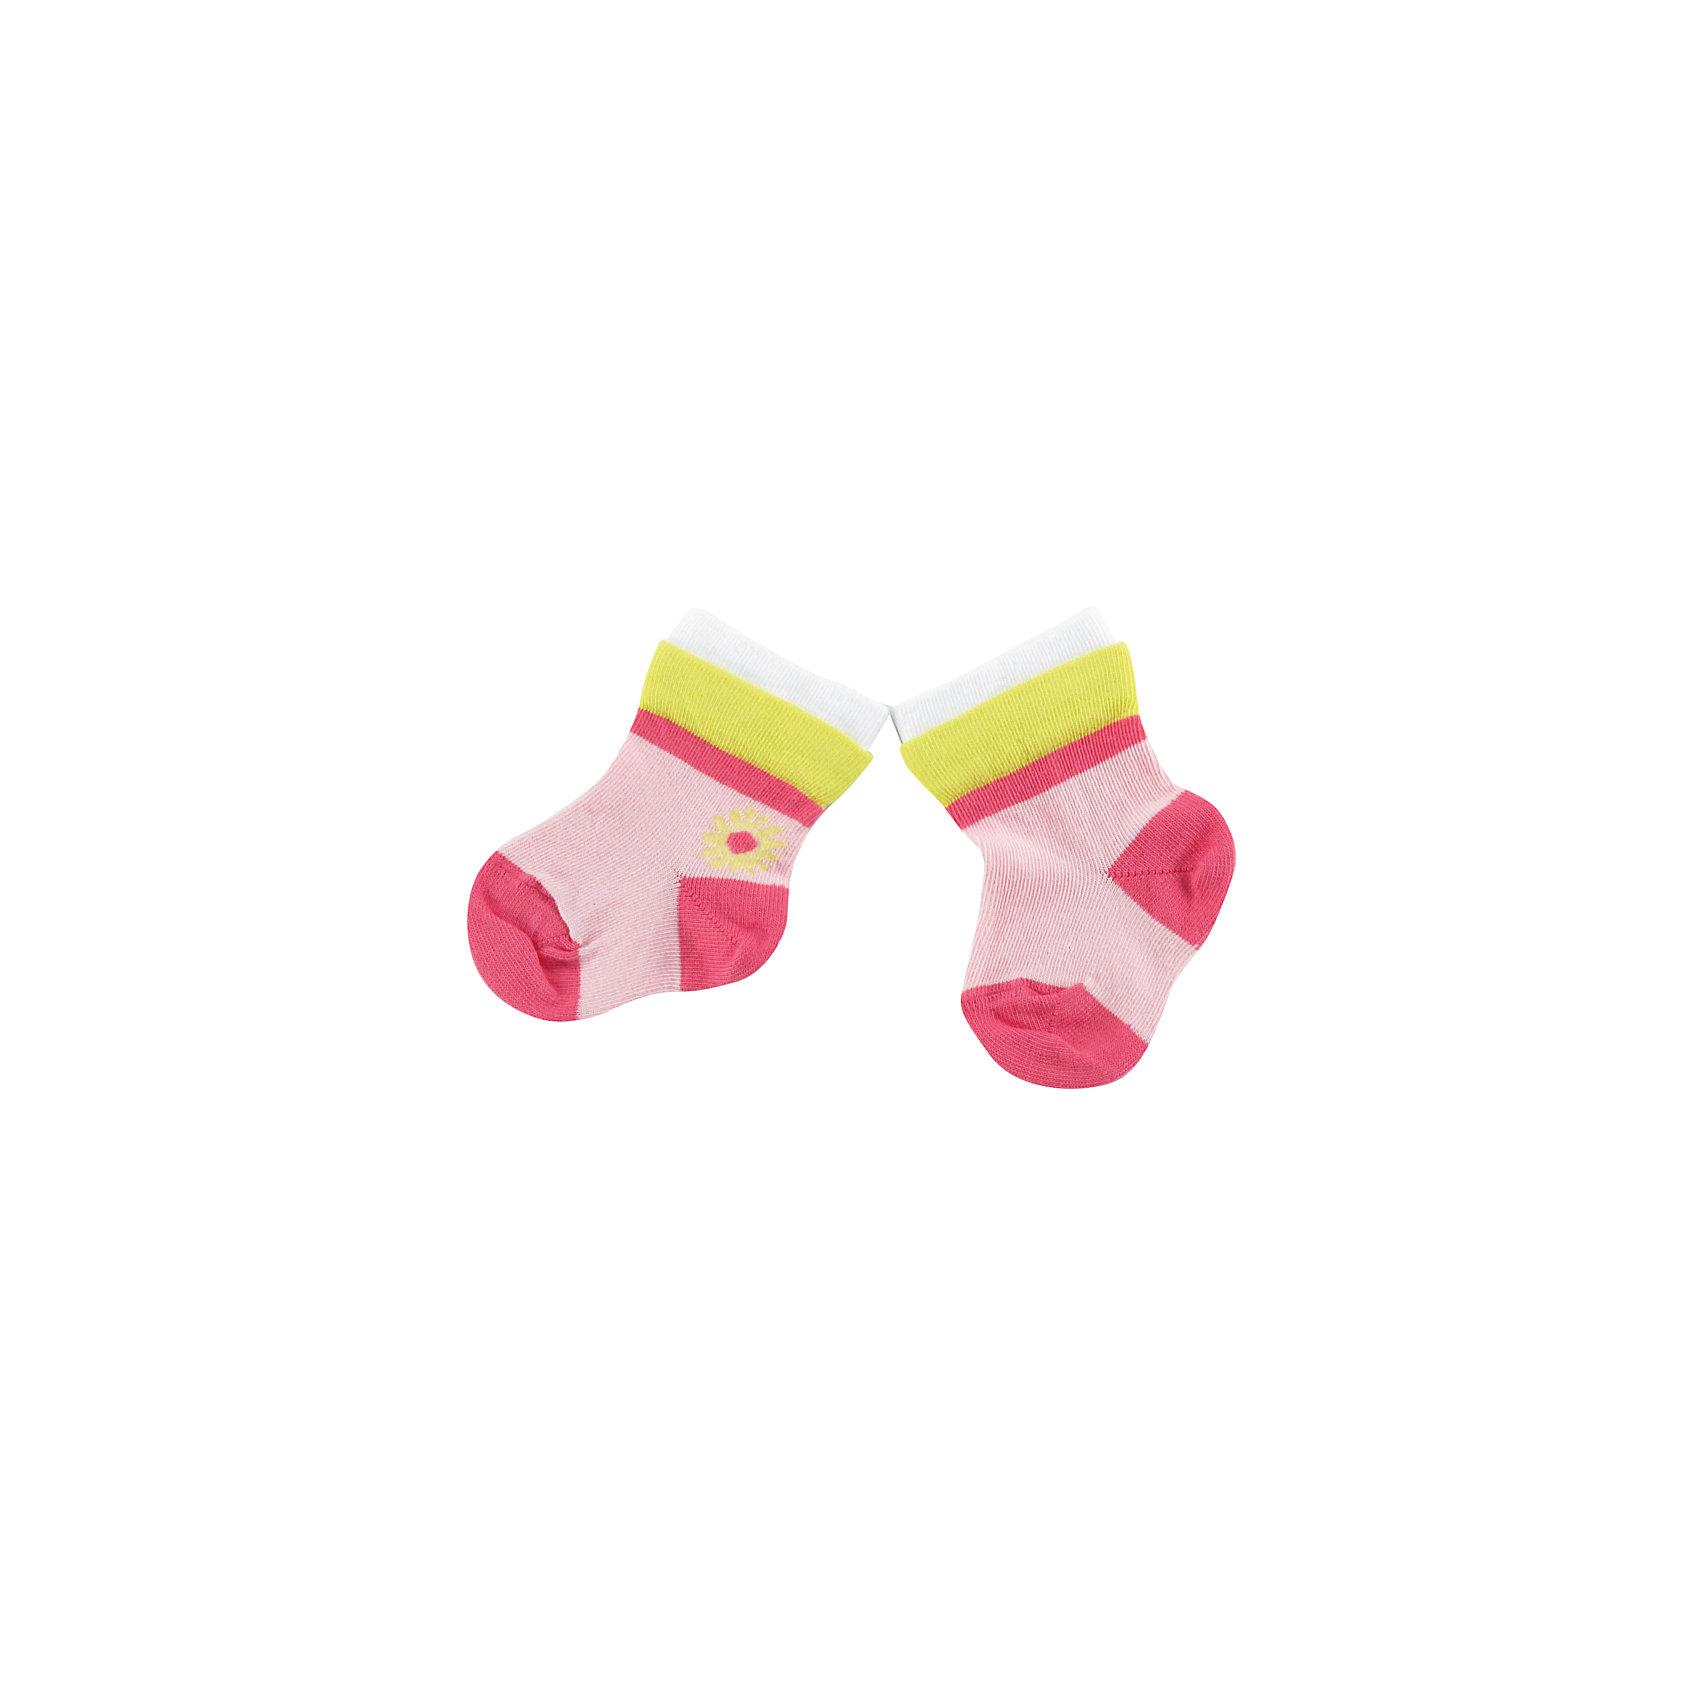 Носки для девочки WojcikНосочки и колготки<br>Характеристики товара:<br><br>• цвет: розовый<br>• состав ткани: хлопок 93%, полиамид 5%, эластан 2%<br>• сезон: круглый год<br>• страна бренда: Польша<br>• страна изготовитель: Польша<br><br>Розовые носки для девочки Wojcik обеспечат ребенку комфорт. Они сделаны преимущественно из натурального хлопка, он позволяет коже дышать и обеспечивает комфорт. <br><br>Детские носки не давят на ногу благодаря мягкой резинке. Польская одежда для детей от бренда Войчик - это качественные и стильные вещи.<br><br>Носки для девочки Wojcik (Войчик) можно купить в нашем интернет-магазине.<br><br>Ширина мм: 87<br>Глубина мм: 10<br>Высота мм: 105<br>Вес г: 115<br>Цвет: розовый<br>Возраст от месяцев: 0<br>Возраст до месяцев: 3<br>Пол: Женский<br>Возраст: Детский<br>Размер: 15/16,16/17,18/19<br>SKU: 5588274